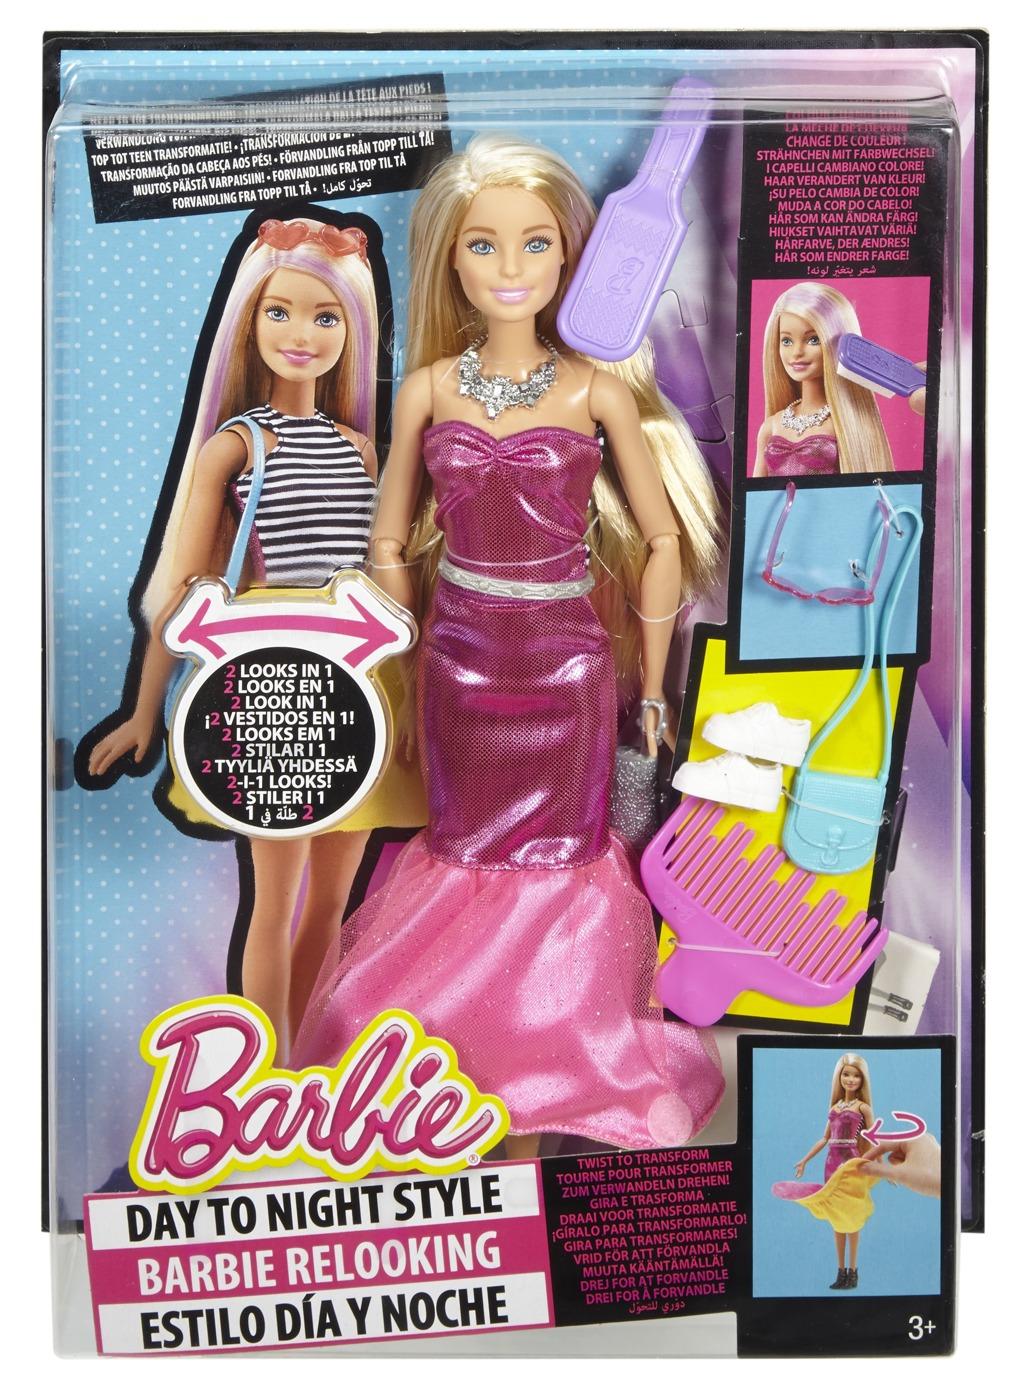 Barbie Stylová ve dne i večer